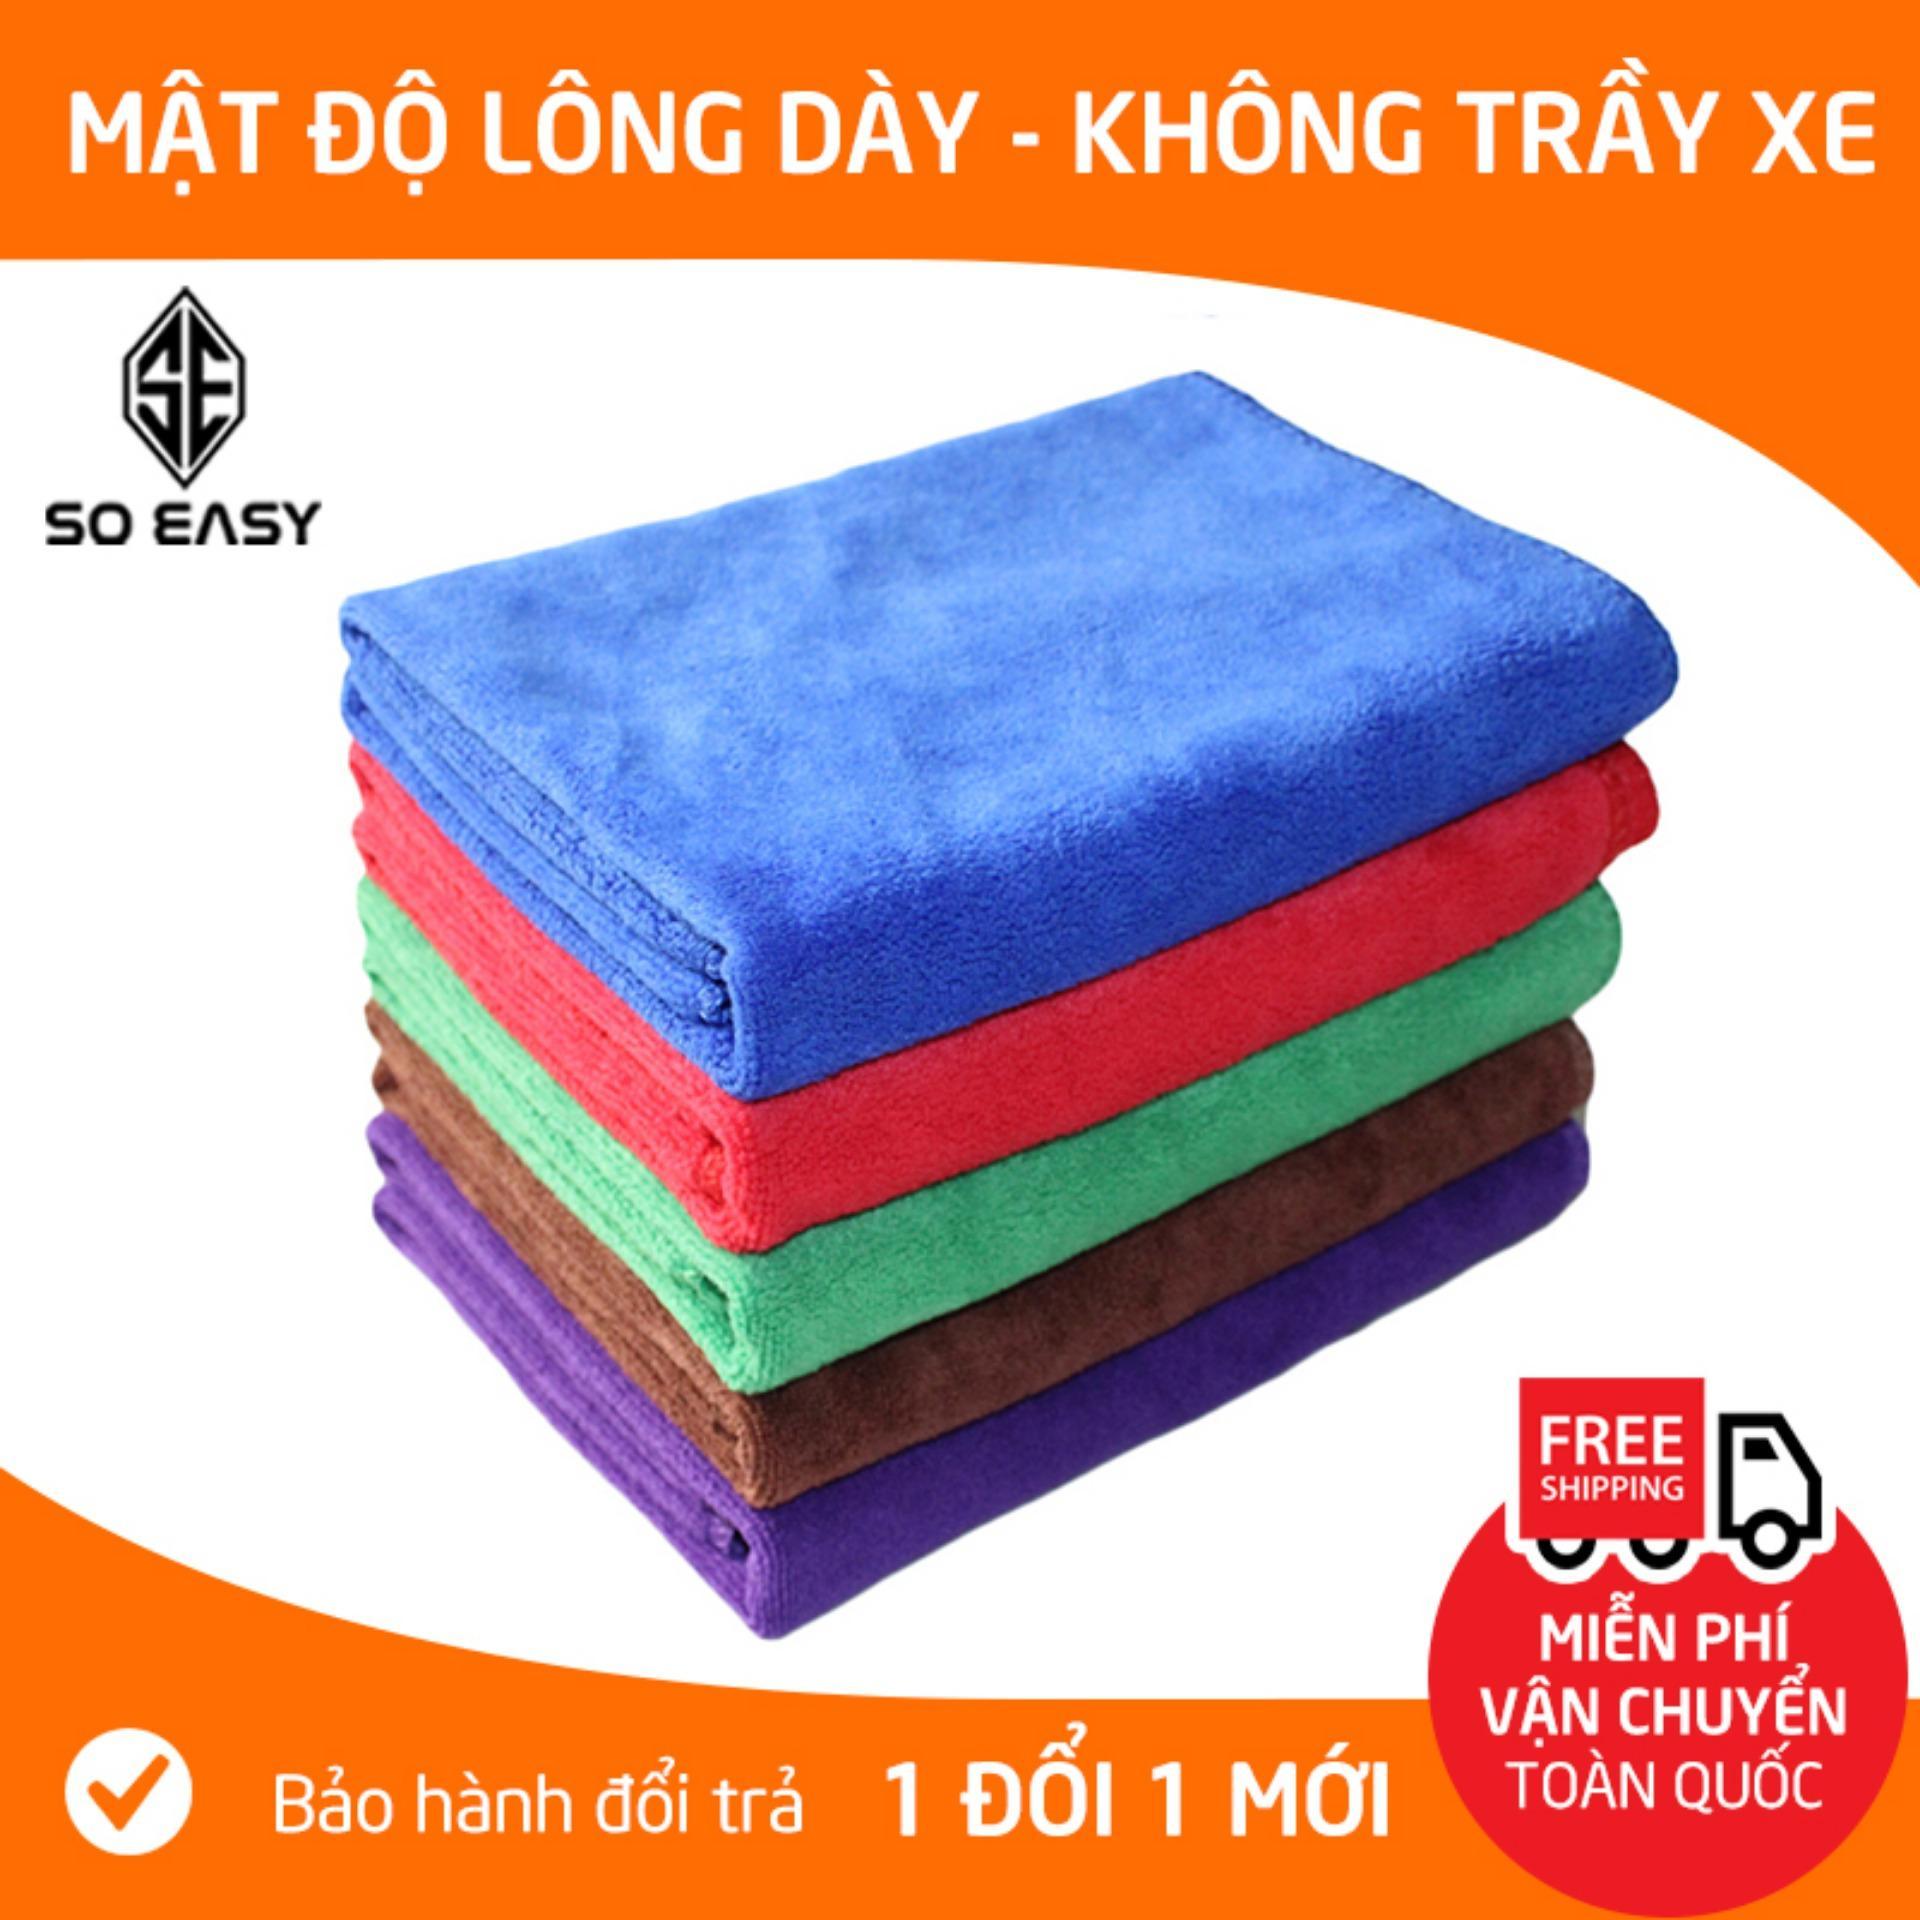 [HCM]Combo 5 khăn lông chuyên dụng lau rửa xe đánh bóng xe hơi xe ô tô xe tải xe máy đồ dùng dụng cụ inox siêu mềm an toàn bảo dưỡng xe RX10 35-75cm (Xanh hoặc Nâu)